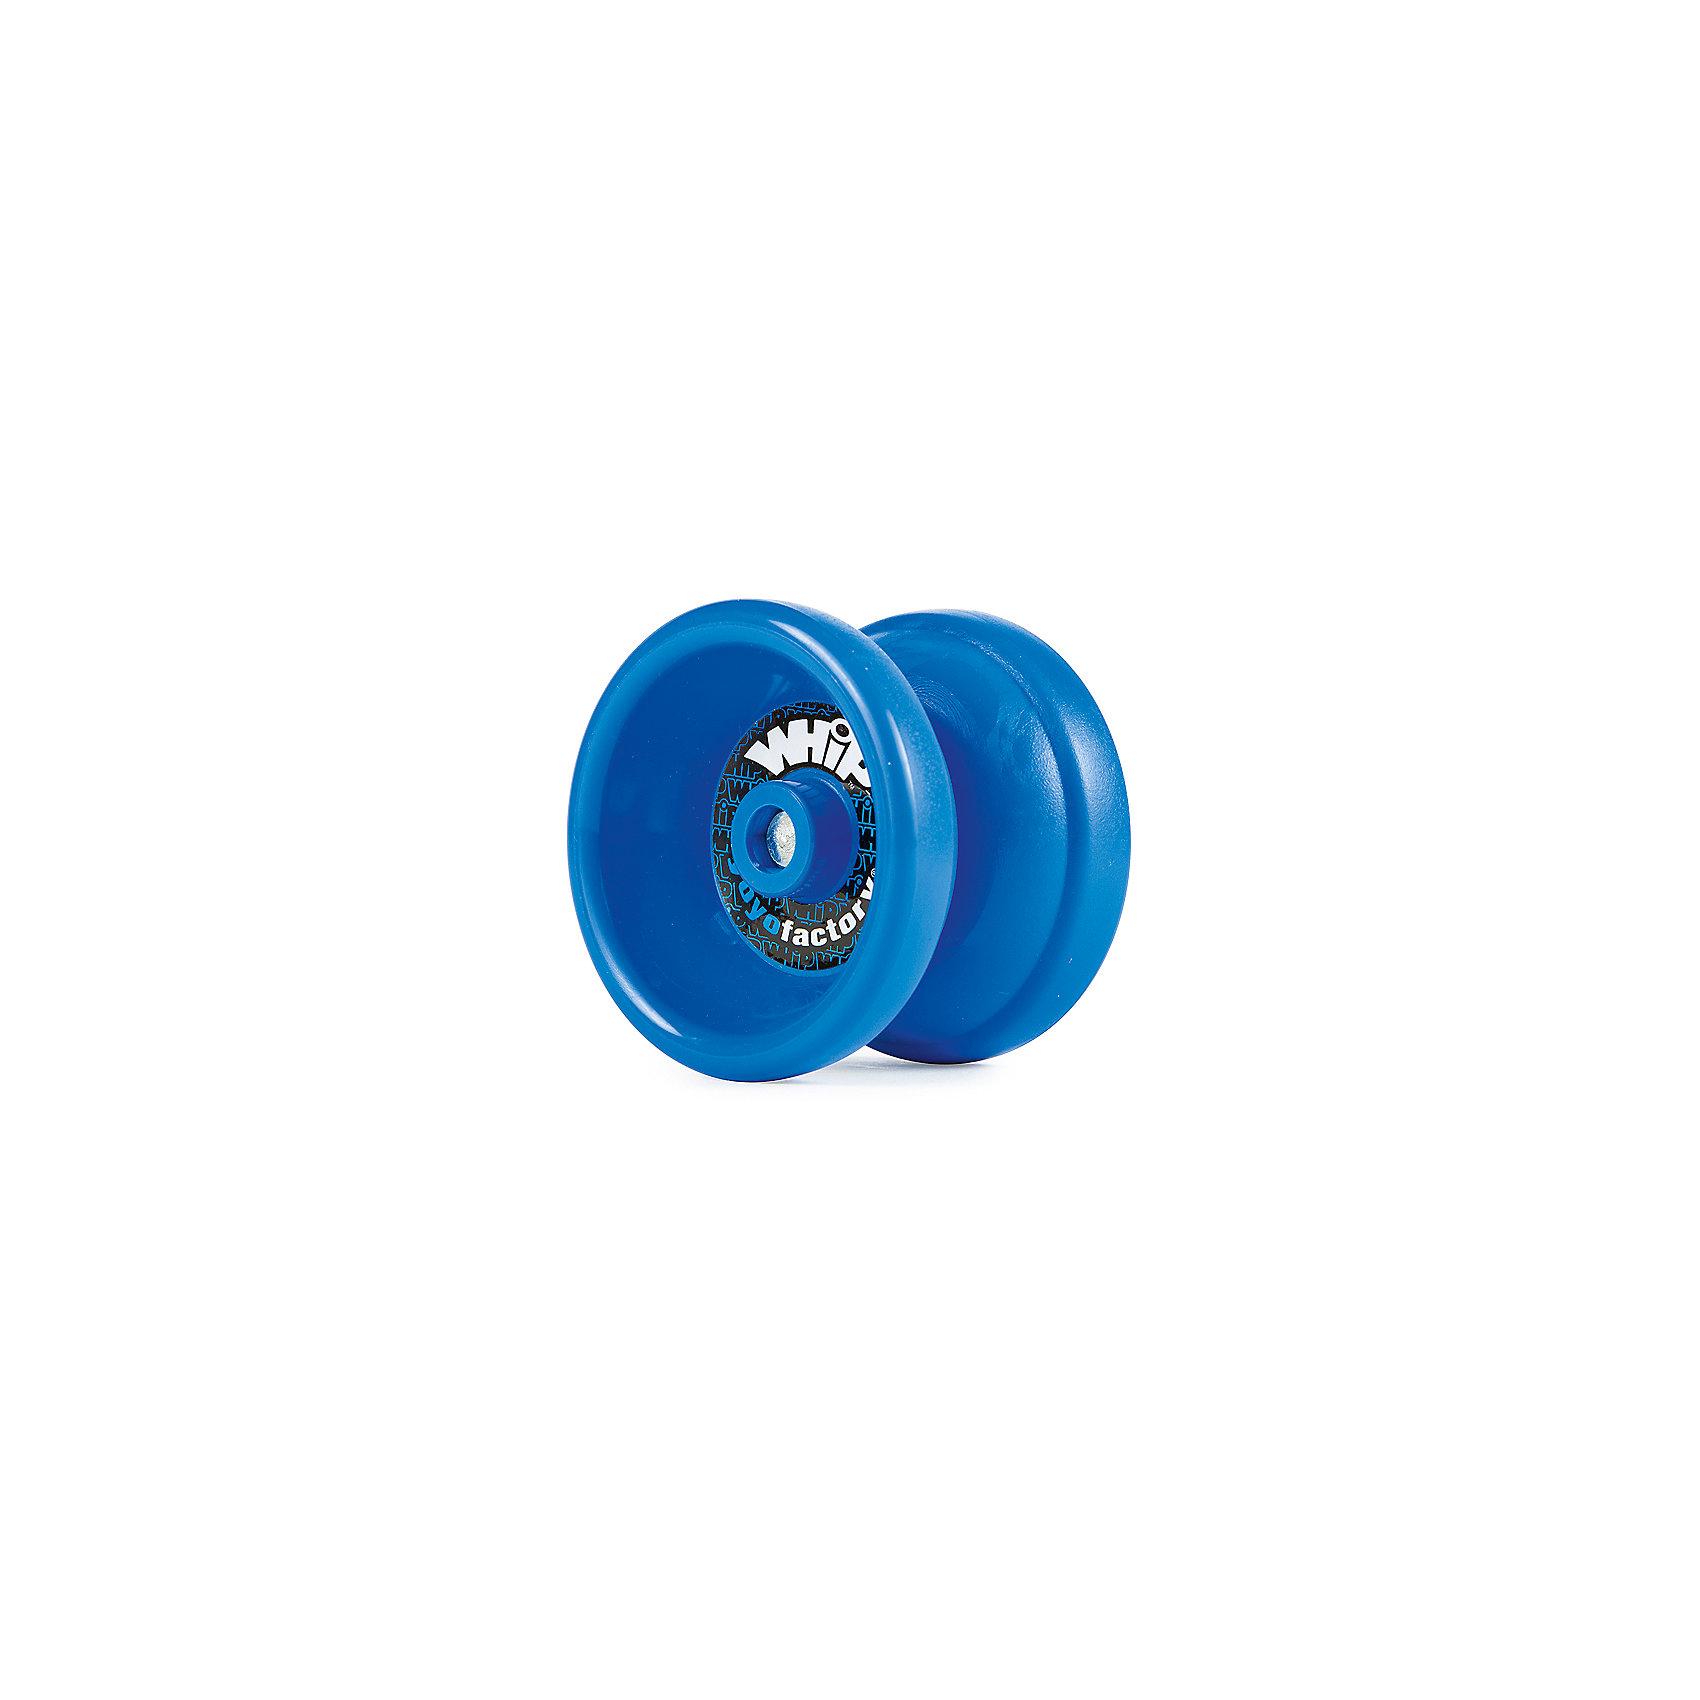 Йо-йо WH!P, YoYoFactoryИгры в дорогу<br>Йо-йо WH!P, YoYoFactory<br><br>Характеристики:<br><br>- в набор входит: йо-йо, веревка, инструкция<br>- материал: пластик, металл,текстиль<br>- форма: бабочка<br>- ширина: 41 мм. <br>- диаметр: 54,24 мм.<br>- гэп: 4,37 мм.<br>- подшипник: С, SPEC<br>- тормозная система: CBC medium Pad<br>- вес: 56,64 гр.<br><br>Йо-йо WH!P из серии Modern Path (Современный путь) от американской компании занимающейся производством профессиональных йо-йо YoYoFactory (ЙоЙоФэктори) позволит освоить и отточить технику трюков. Коллекция, созданная специально для игроков среднего уровня, оттачивающих свои навыки. В комплект к этой пластиковой модели не входят утяжелители, поэтому йо-йо достаточно легкое и позволяет выполнять трюки 5А (фрихенд) с облегченным весом. Йо-йо подходит только для трюков новой школы и не возвращается в руку сразу, так как расстояние между частями увеличено. Йо-йо возвращают в руку с помощью специального движения. Это йо-йо предназначено для исполнения любых трюков вплоть до профессионального уровня. Модель хорошо подойдет как продвинутым, так и профессиональным игрокам. Яркое йо-йо упаковано в фирменную стильную коробку.<br><br>Йо-йо WH!P, YoYoFactory (ЙоЙоФэктори) можно купить в нашем интернет-магазине.<br><br>Ширина мм: 45<br>Глубина мм: 135<br>Высота мм: 60<br>Вес г: 90<br>Возраст от месяцев: 84<br>Возраст до месяцев: 192<br>Пол: Унисекс<br>Возраст: Детский<br>SKU: 5191419